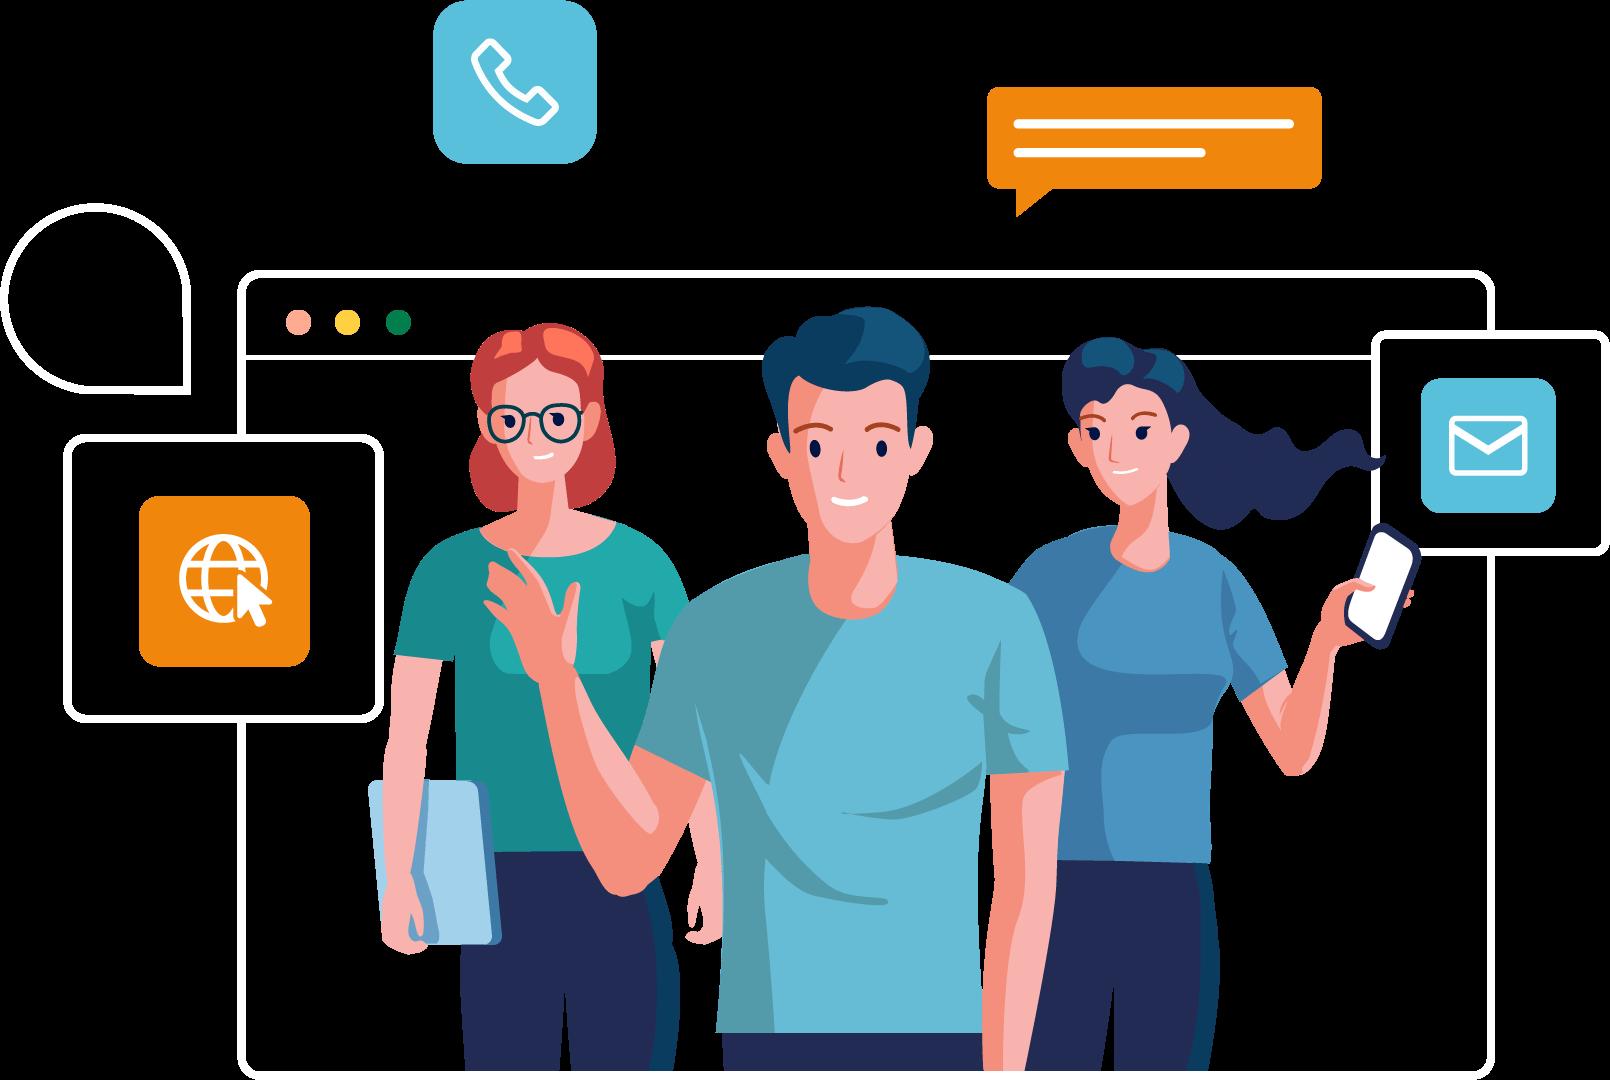 Illustration: Drei Personen mit Webseiten und Icons um sie herum